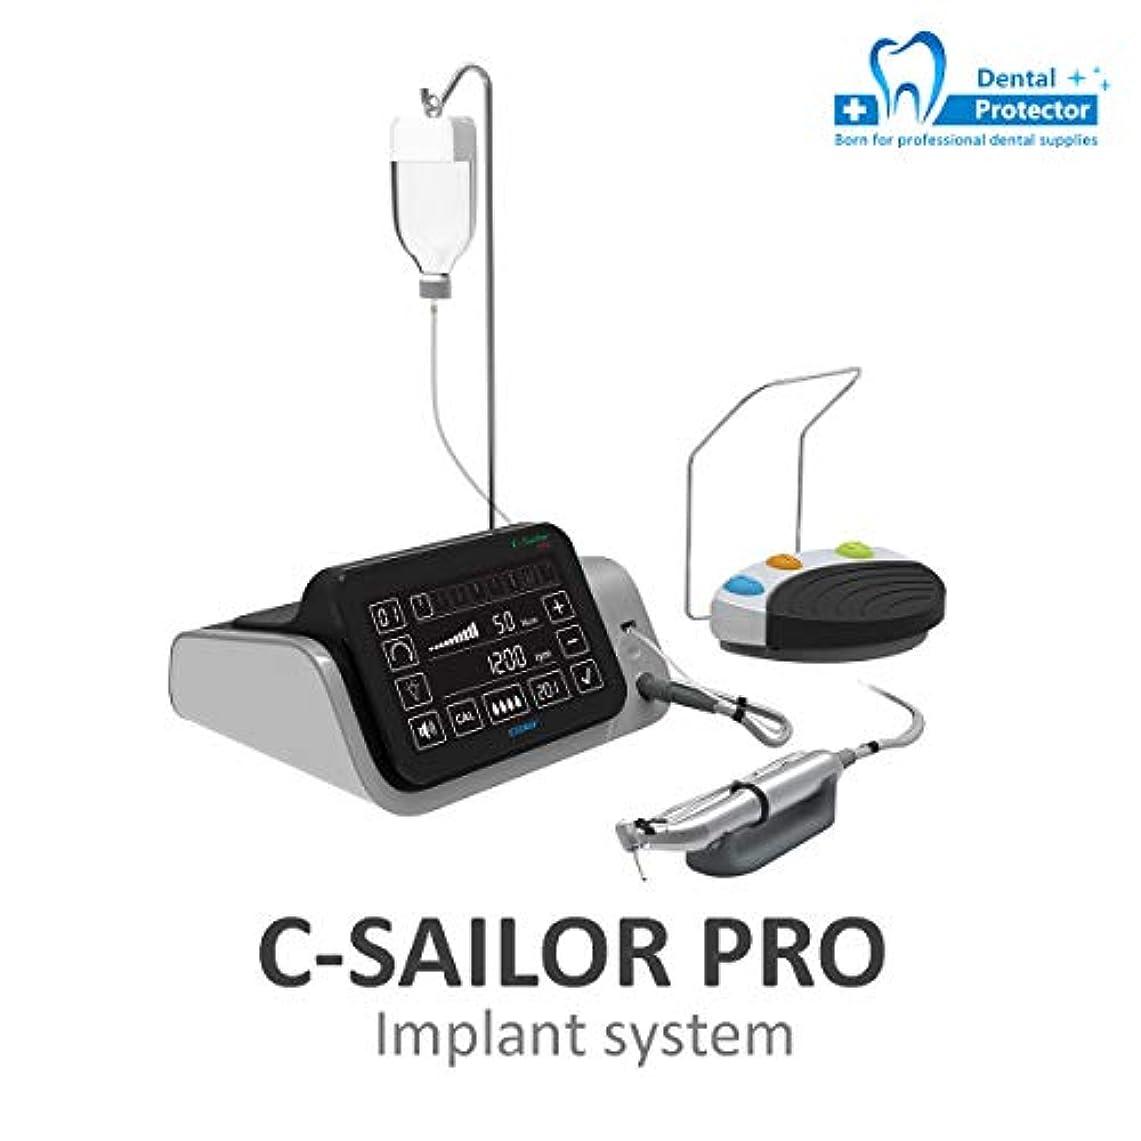 建築家彼らの下にCOXO 歯科インプラントモーター、 C-Sailor Pro 歯科用フィジカルサージカルモーター 1つの80 N.cmの対照的な角度を使って 強い力、 光ファイバーLEDライト タッチスクリーン制御